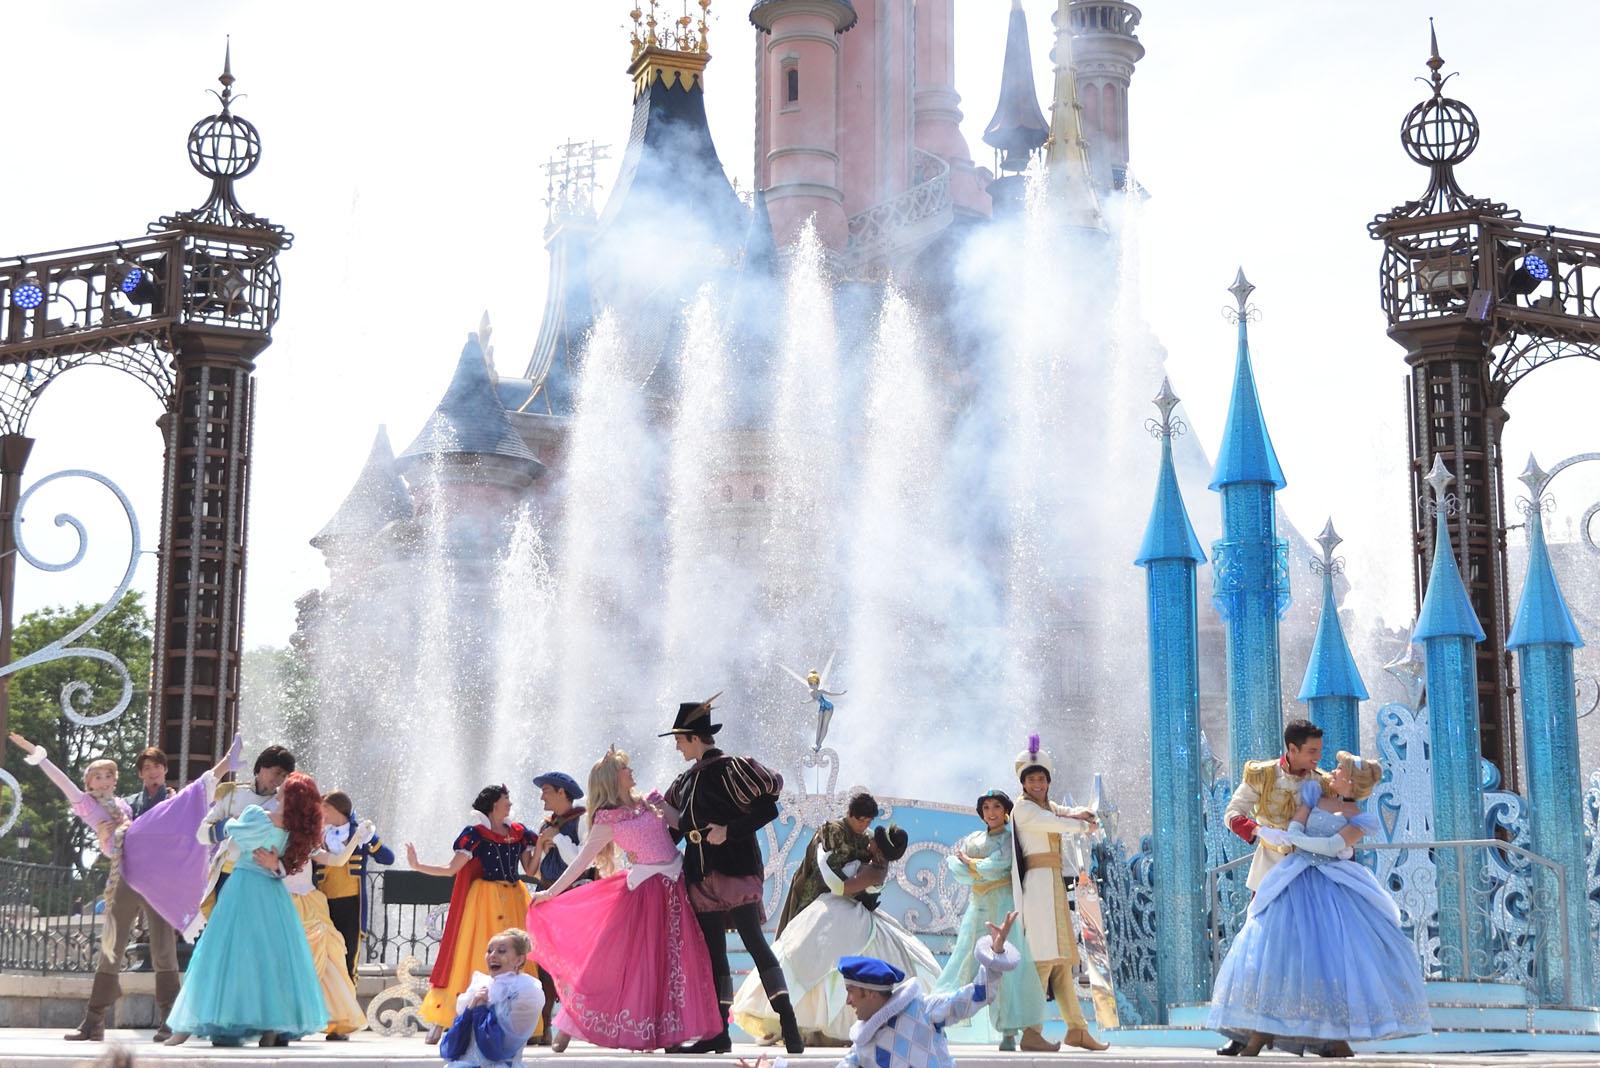 ディズニーランド・パリ スターリット・プリンセス・ワルツ Disneyland Paris The Starlit Princess Waltz